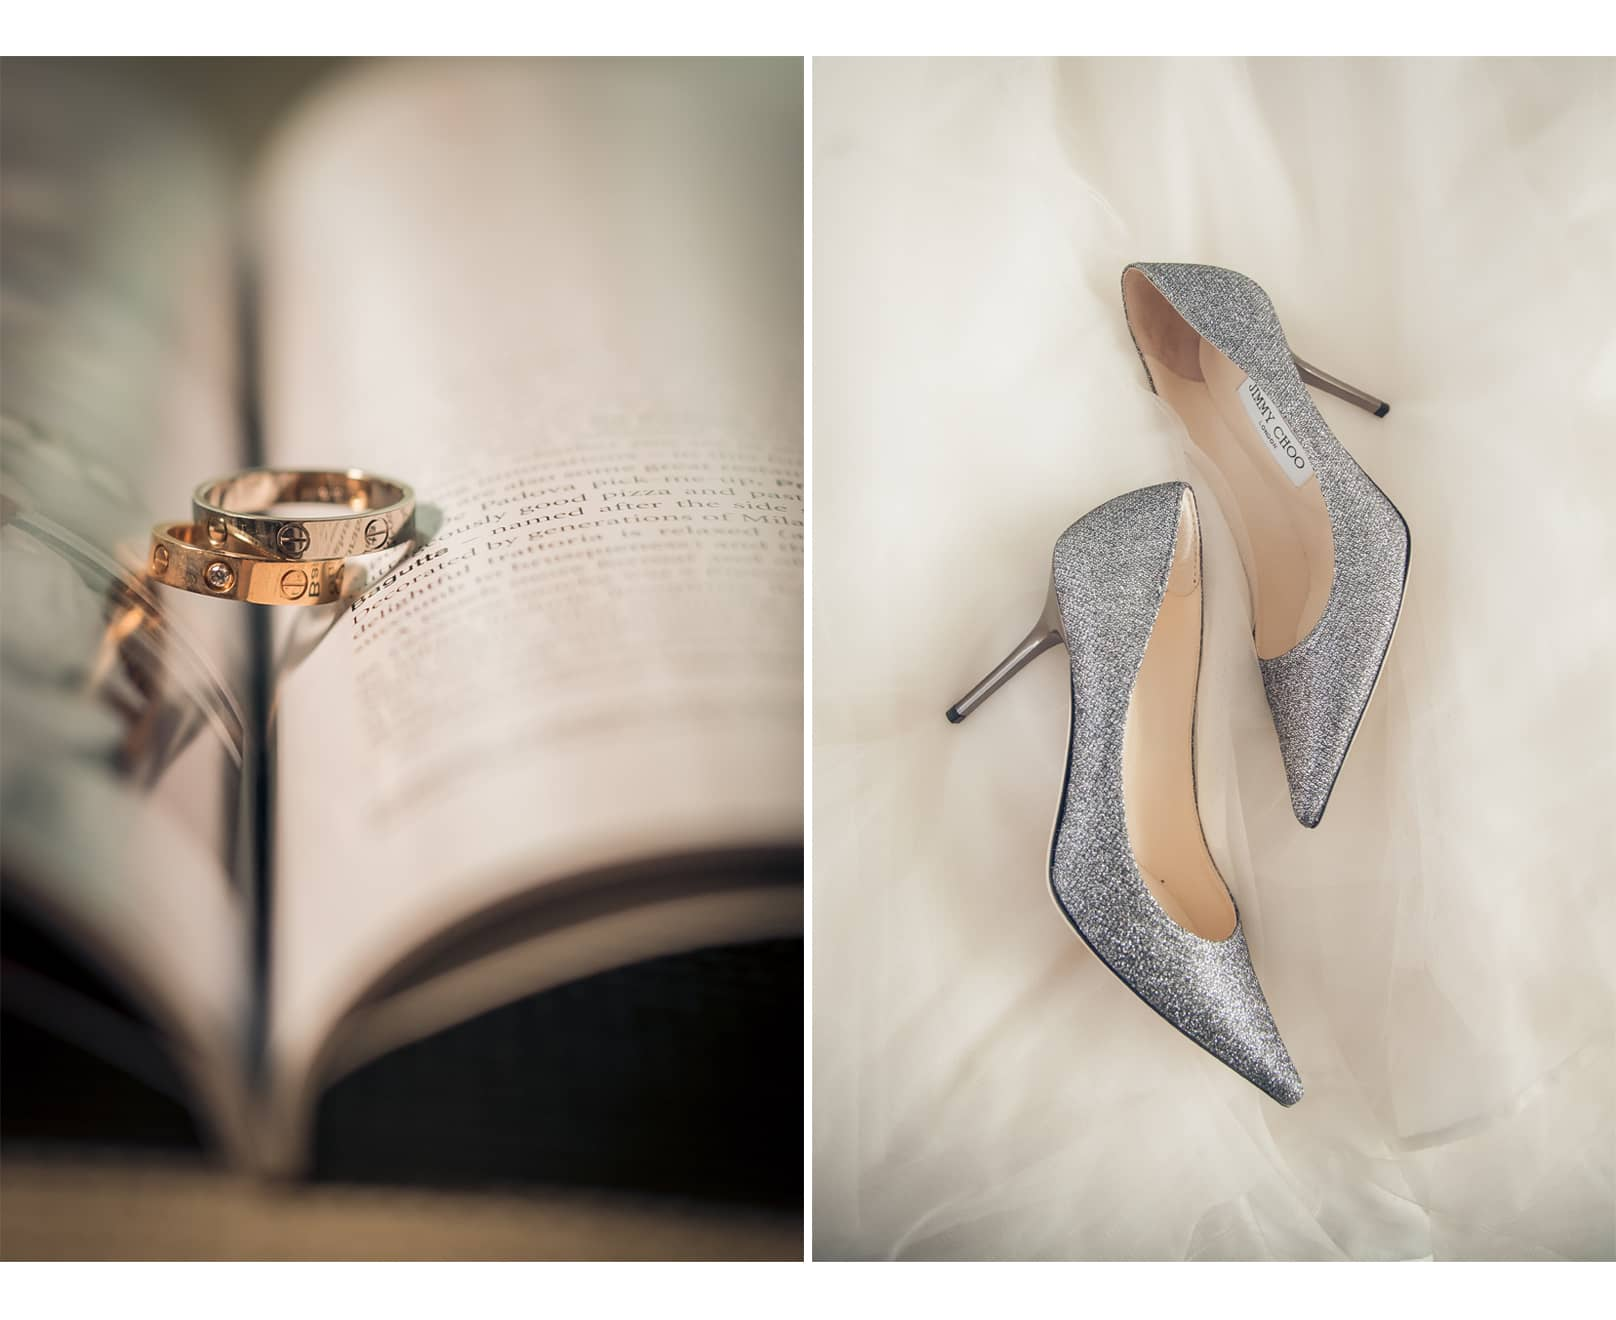 Cartier婚戒,Jimmy choo,Jimmy choo婚鞋,文華東方婚宴,婚禮記錄,文華東方教堂